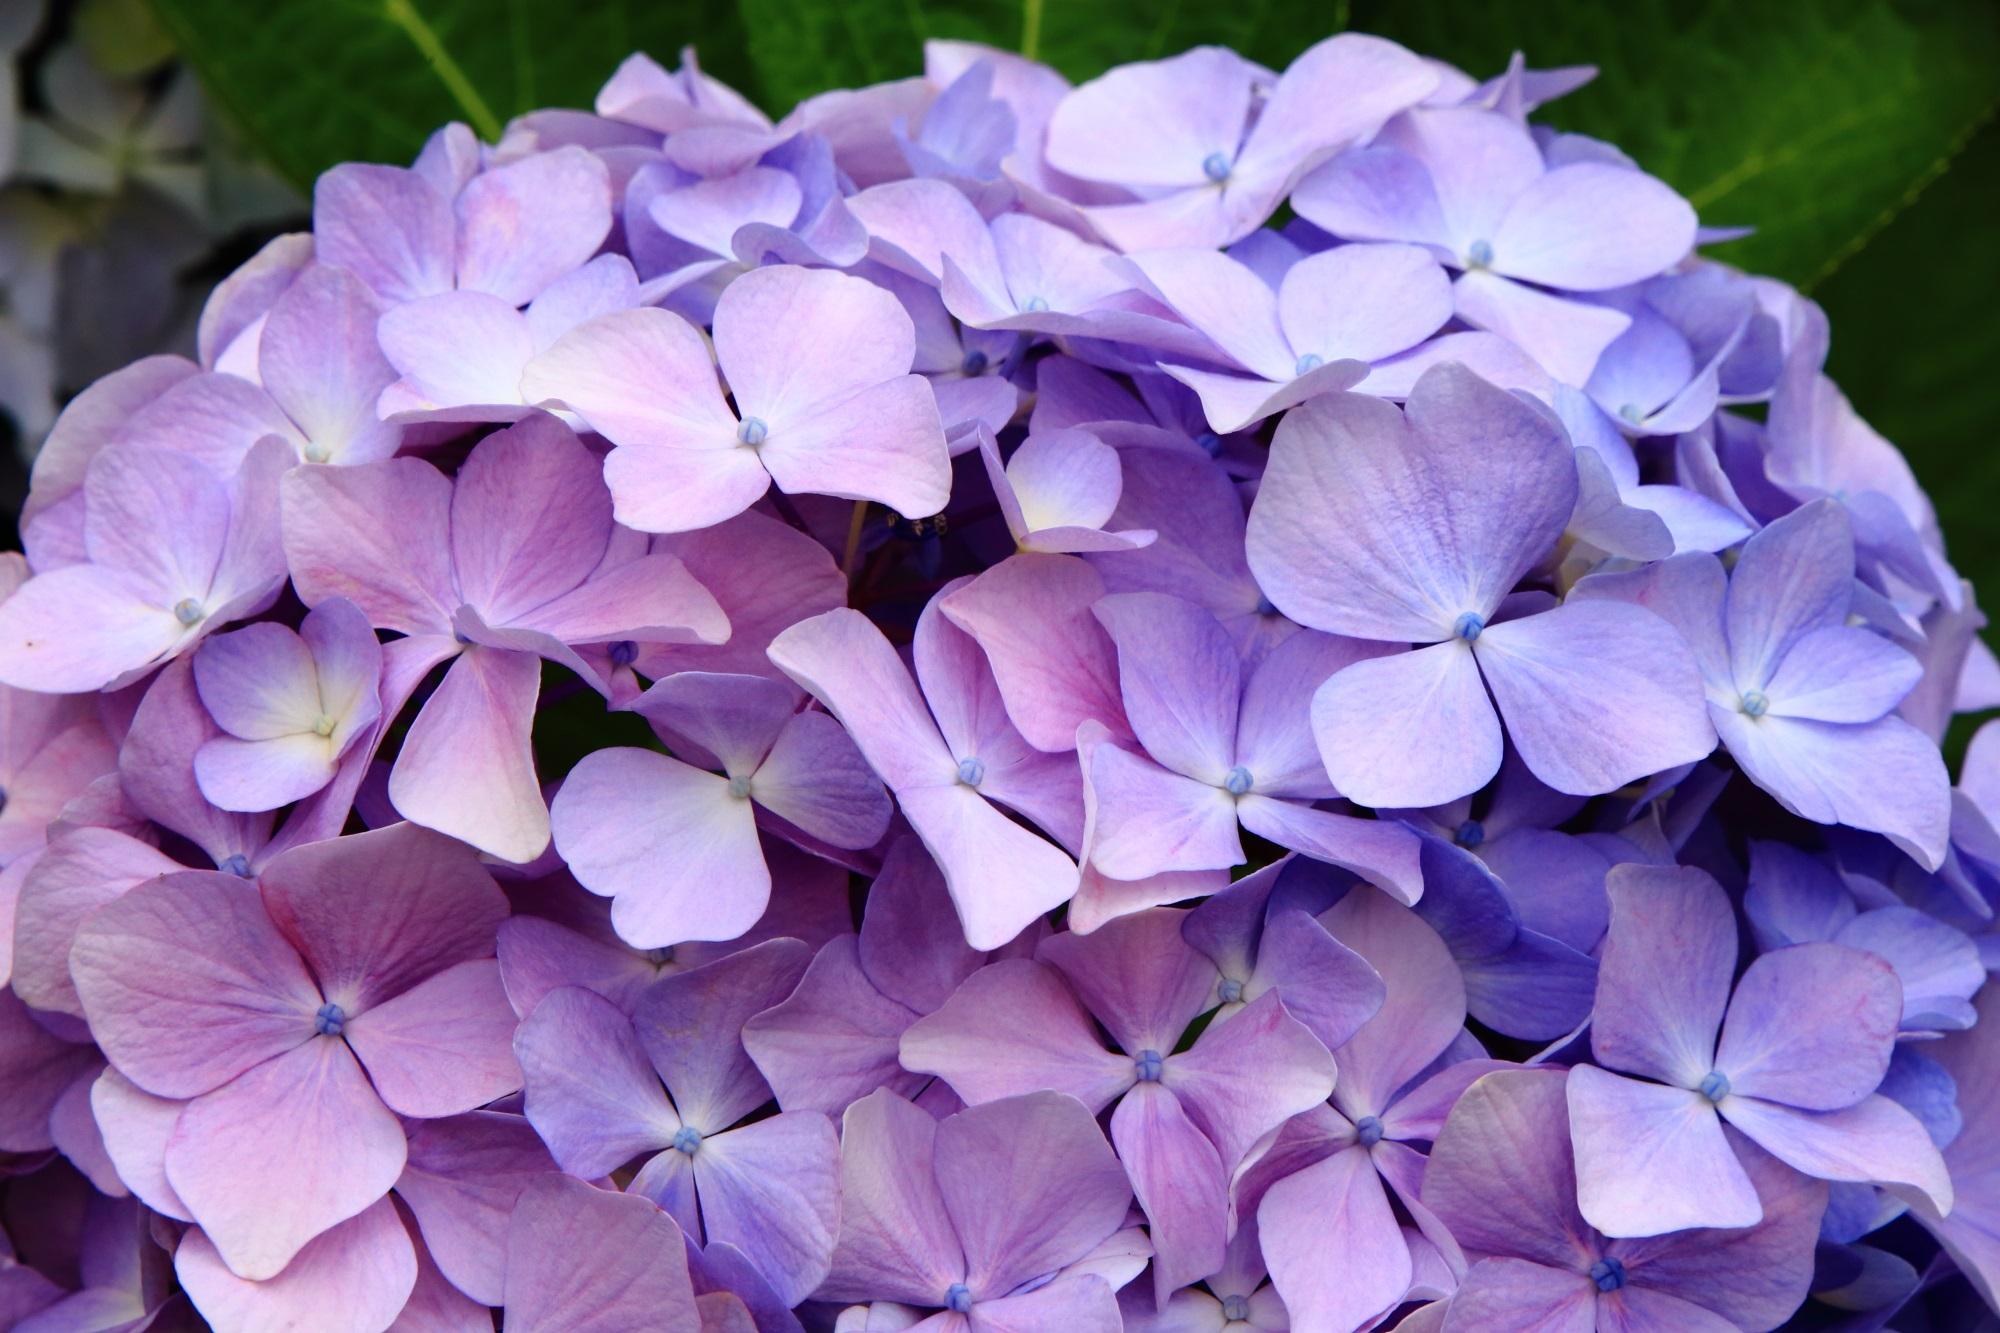 華やかなピンクと薄い紫の楽しそうな色合いの紫陽花